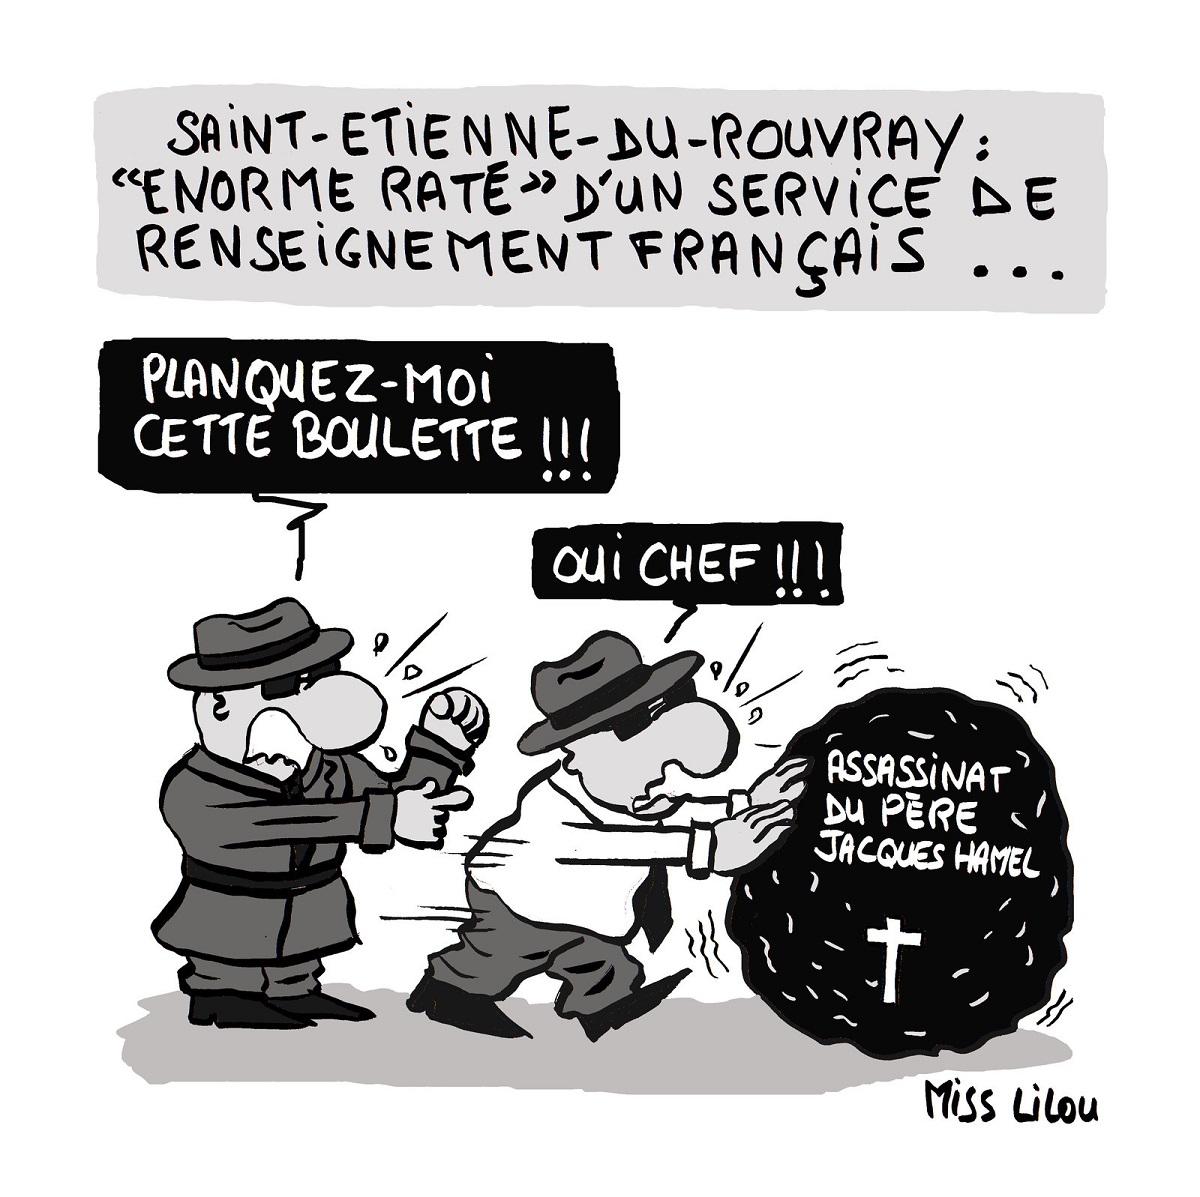 dessin humoristique des services de renseignement français en train de camoufler leur erreur